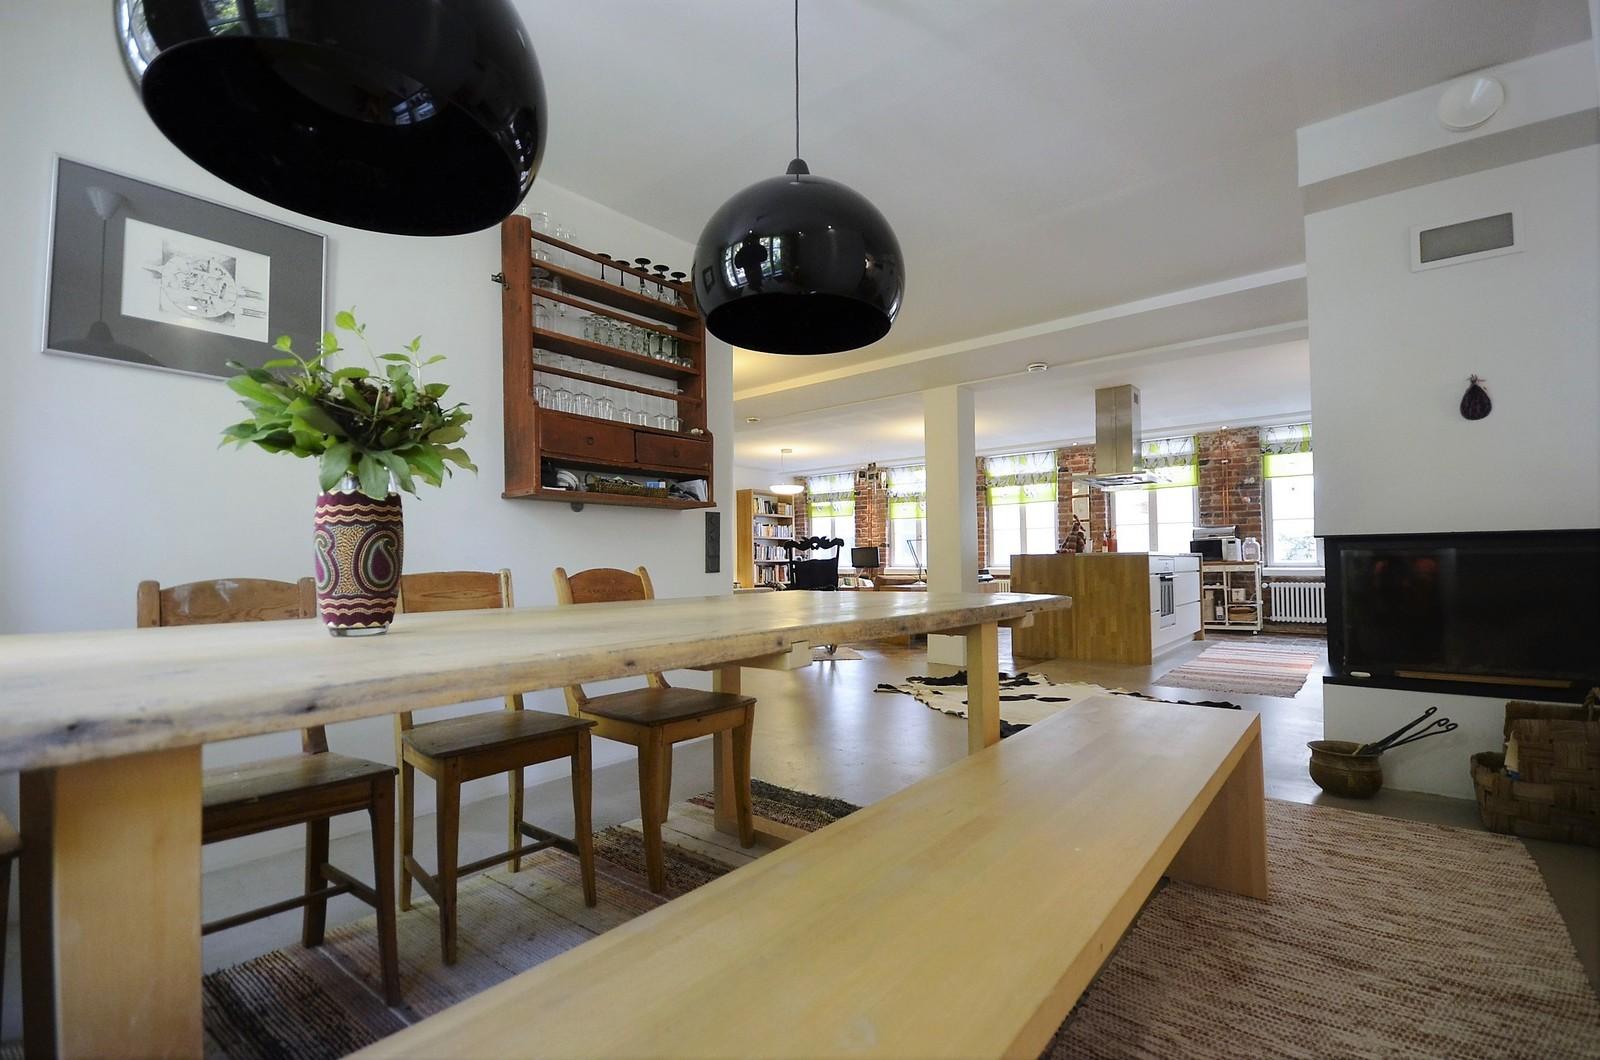 Tilava ruokailutila loft asunnossa  Etuovi com Ideat & vinkit